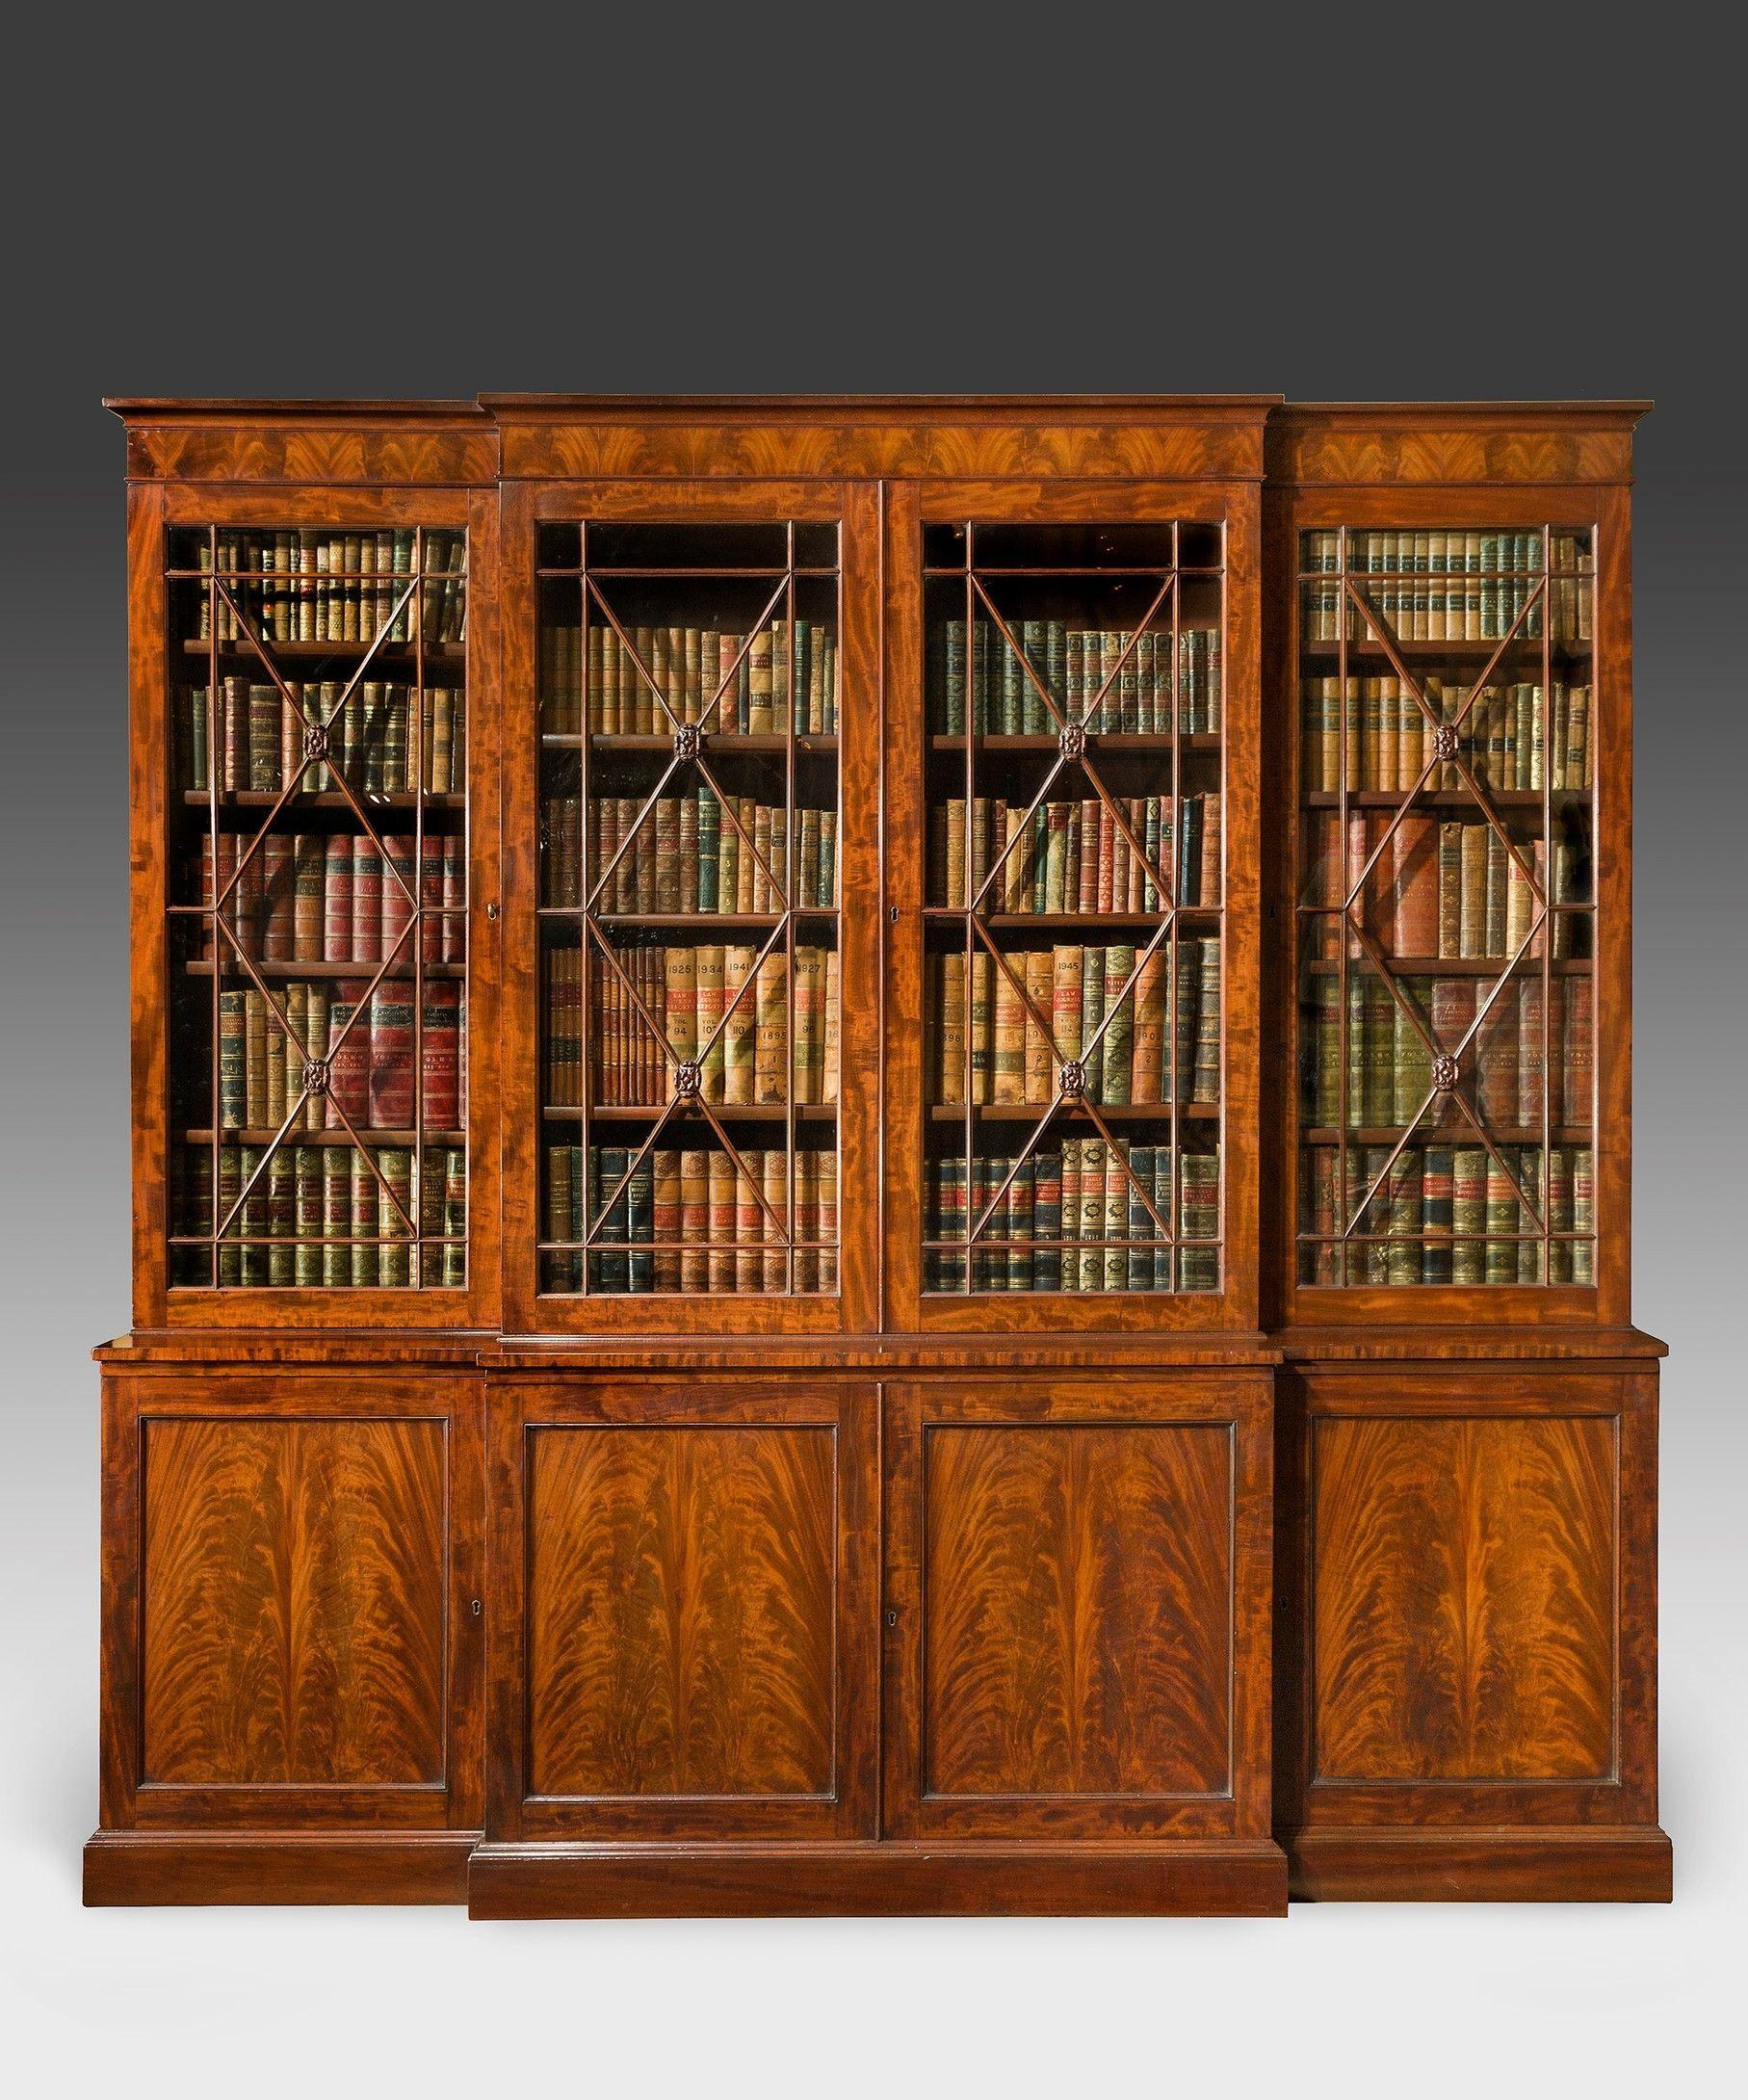 English Antique Georgian Furniture Reindeer Antiques Mobilier De Salon Meubles Anciens Mobilier